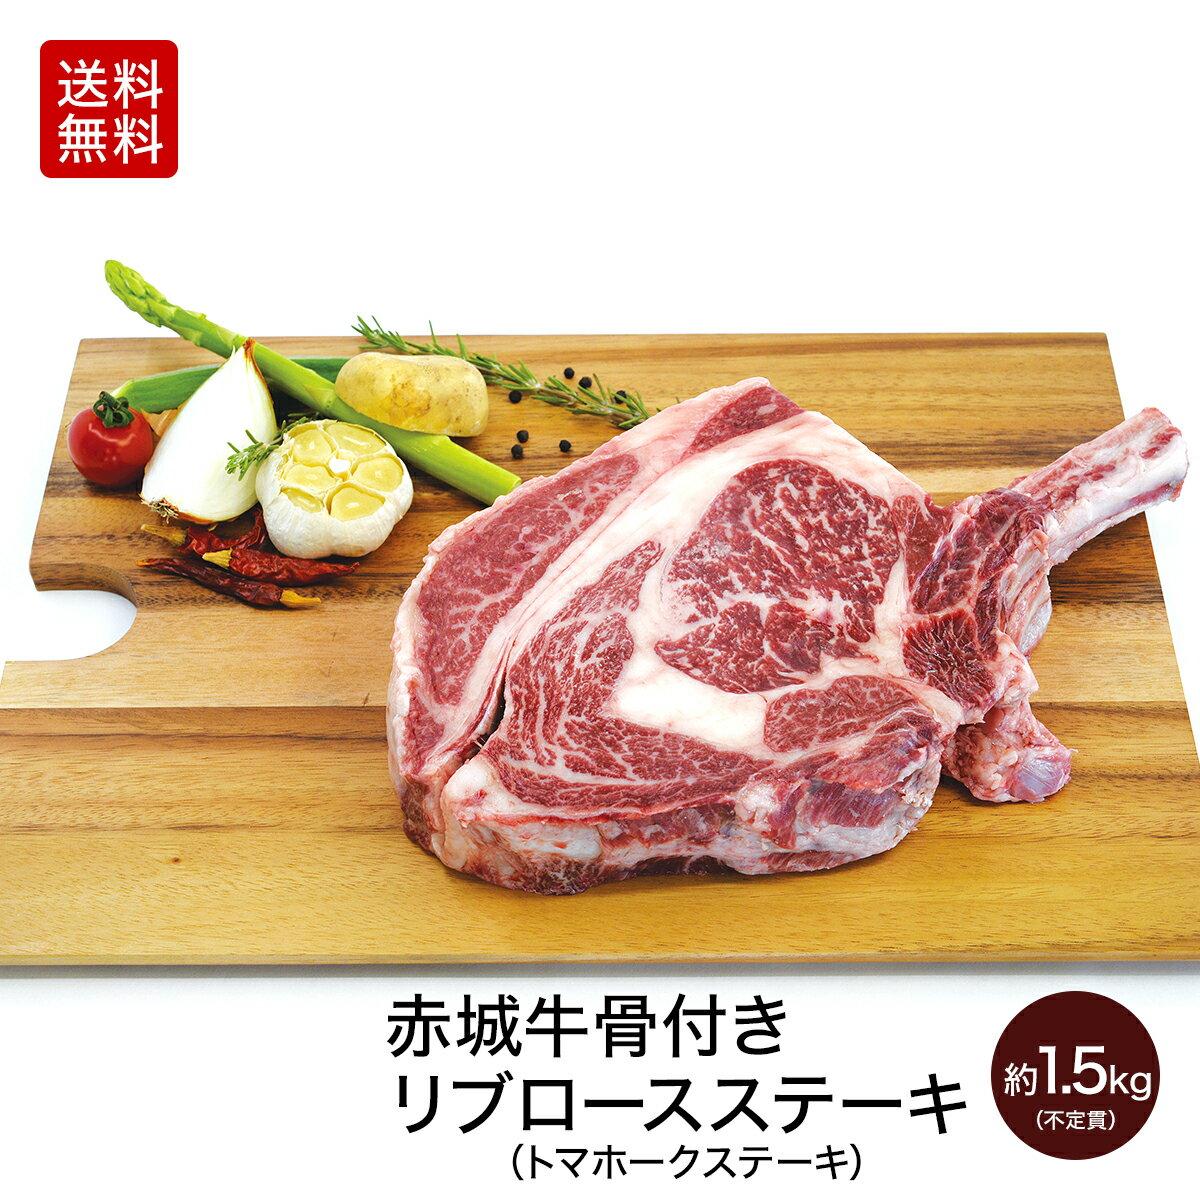 赤城牛骨付きリブロースステーキ(トマホークステーキ)約1.5kg(不定貫)【送料無料】